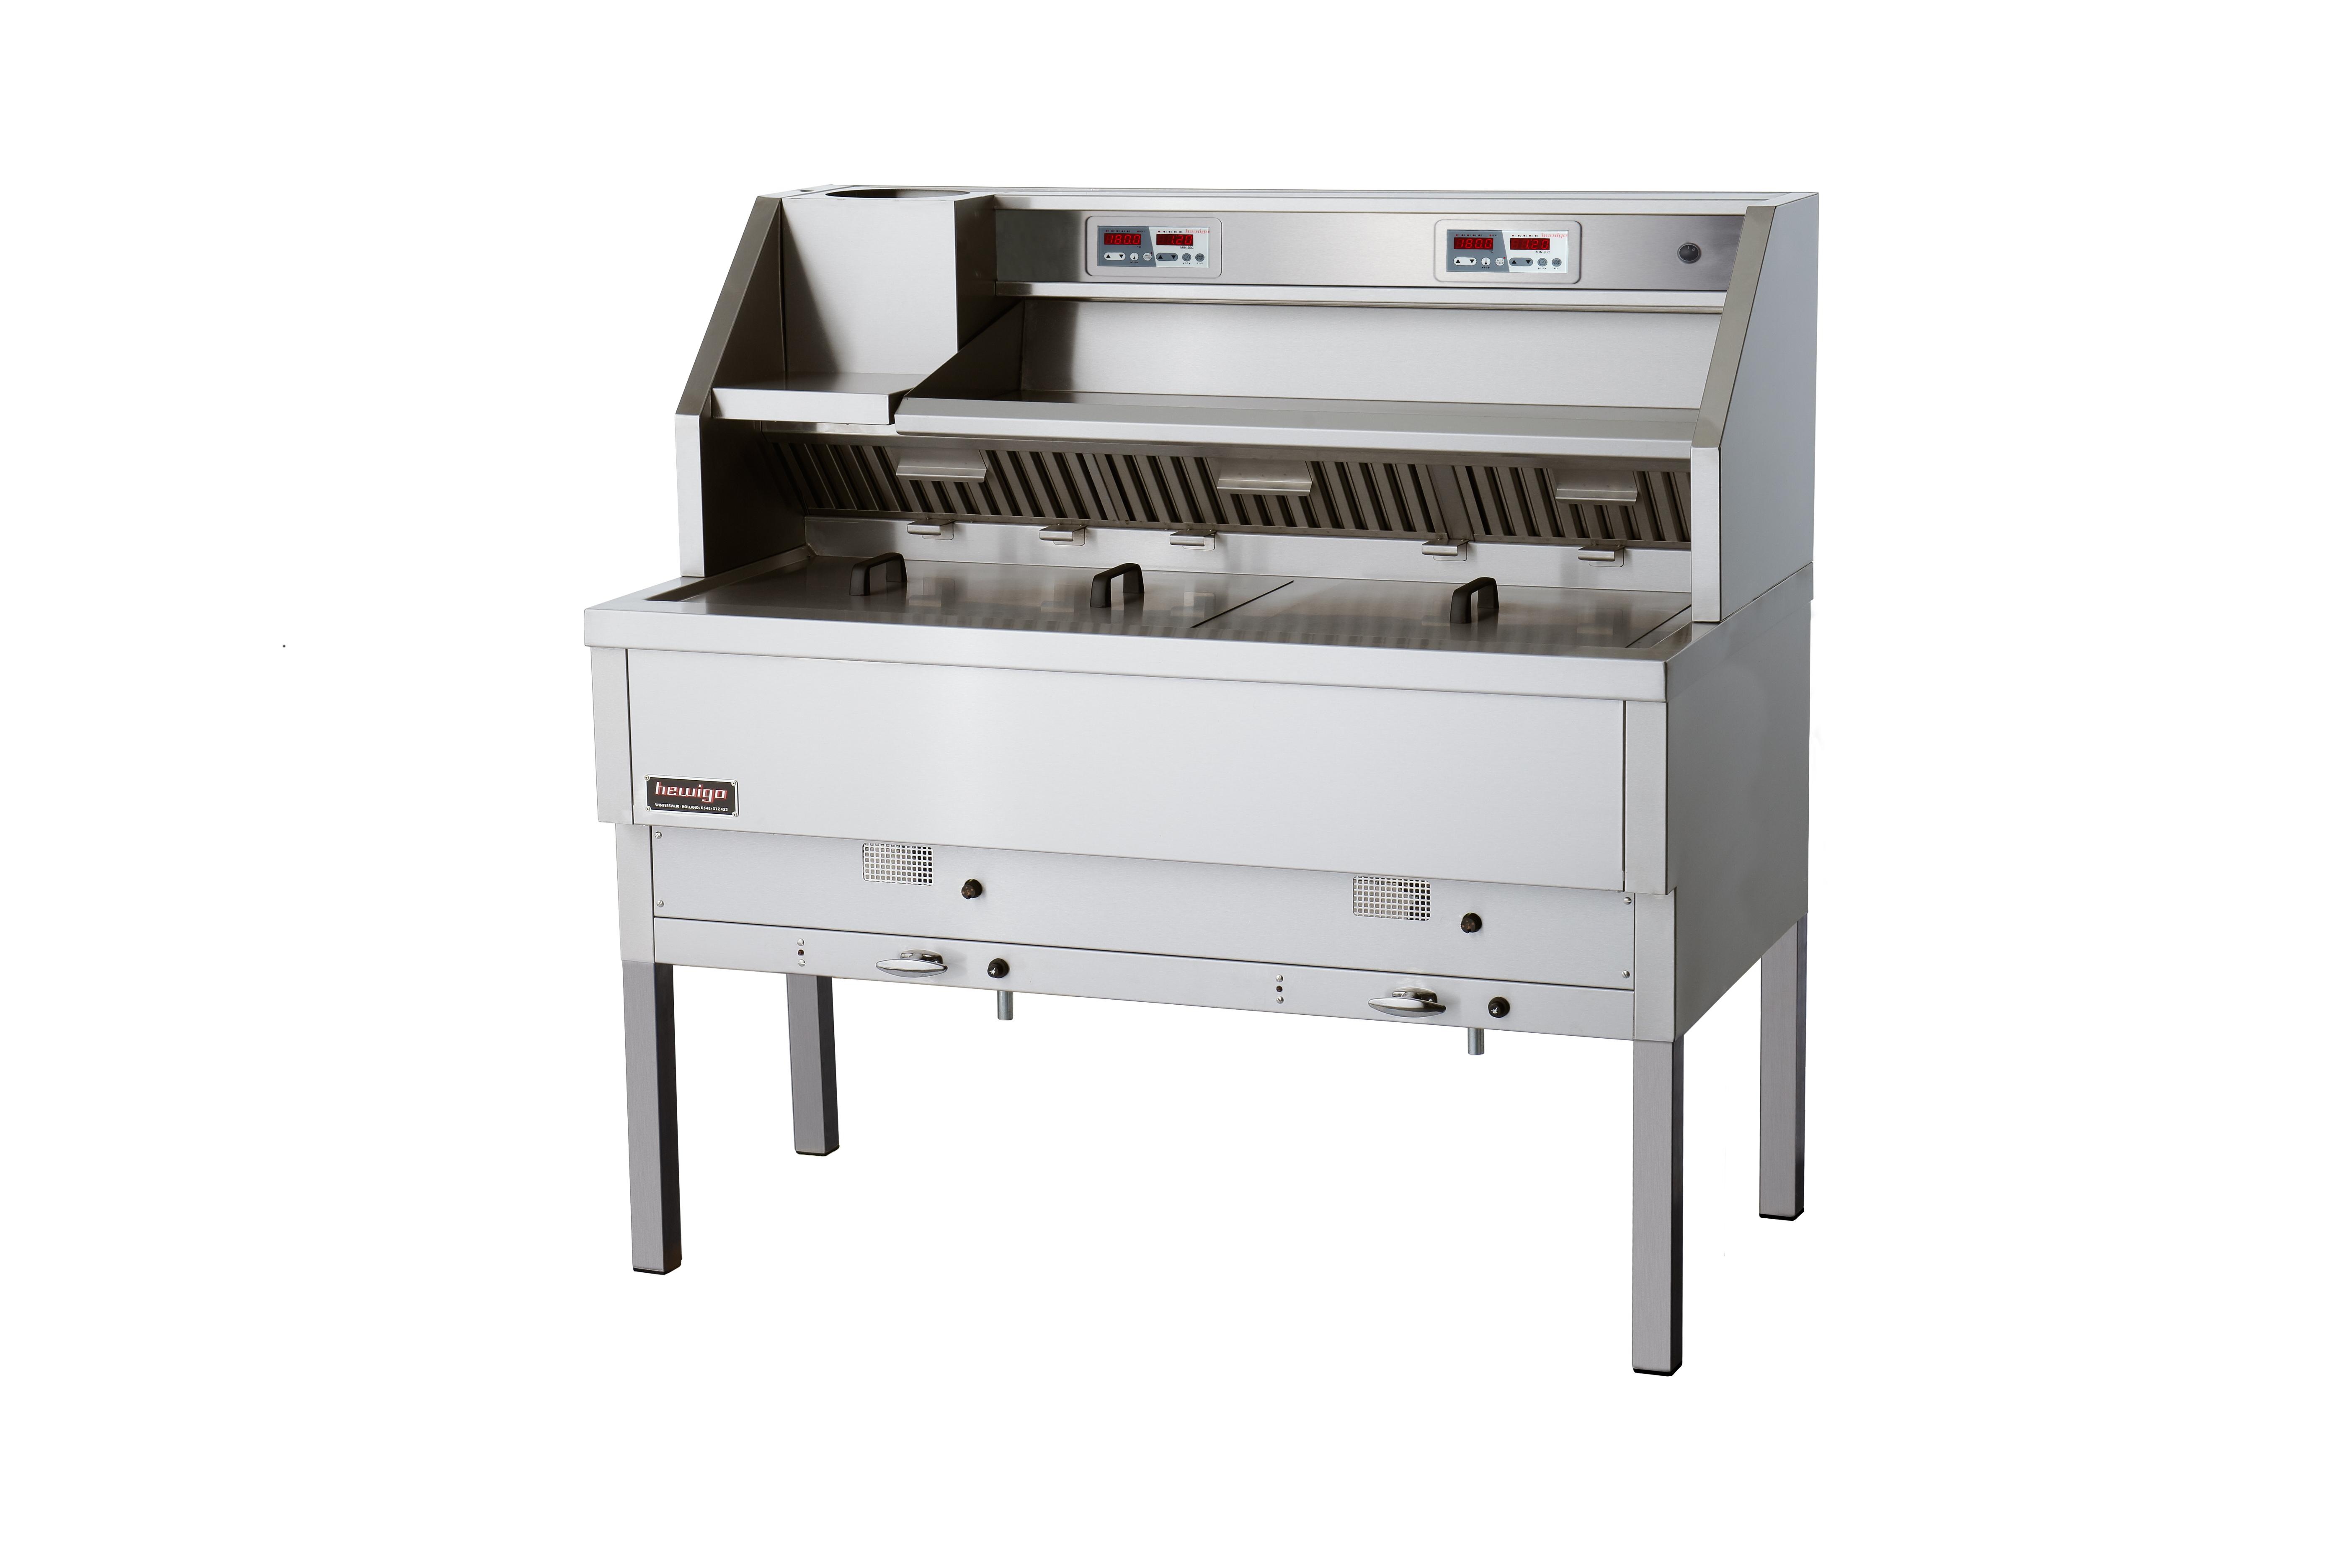 standaard oven met regelaar